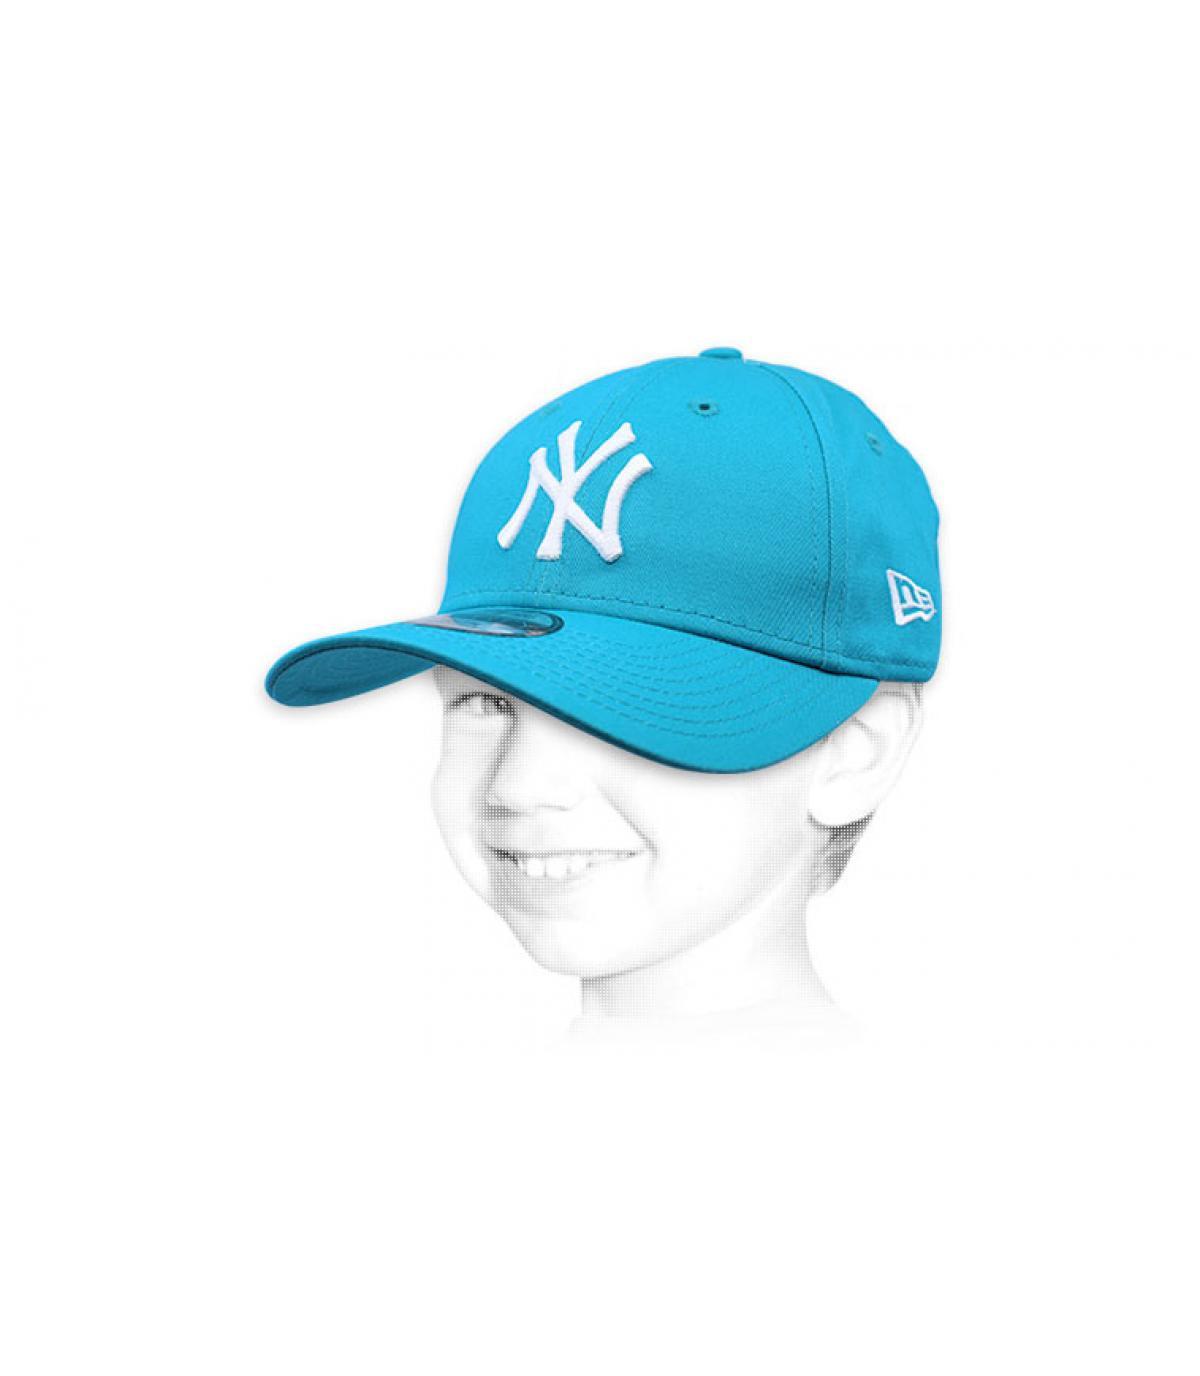 NY berretto bambino blu